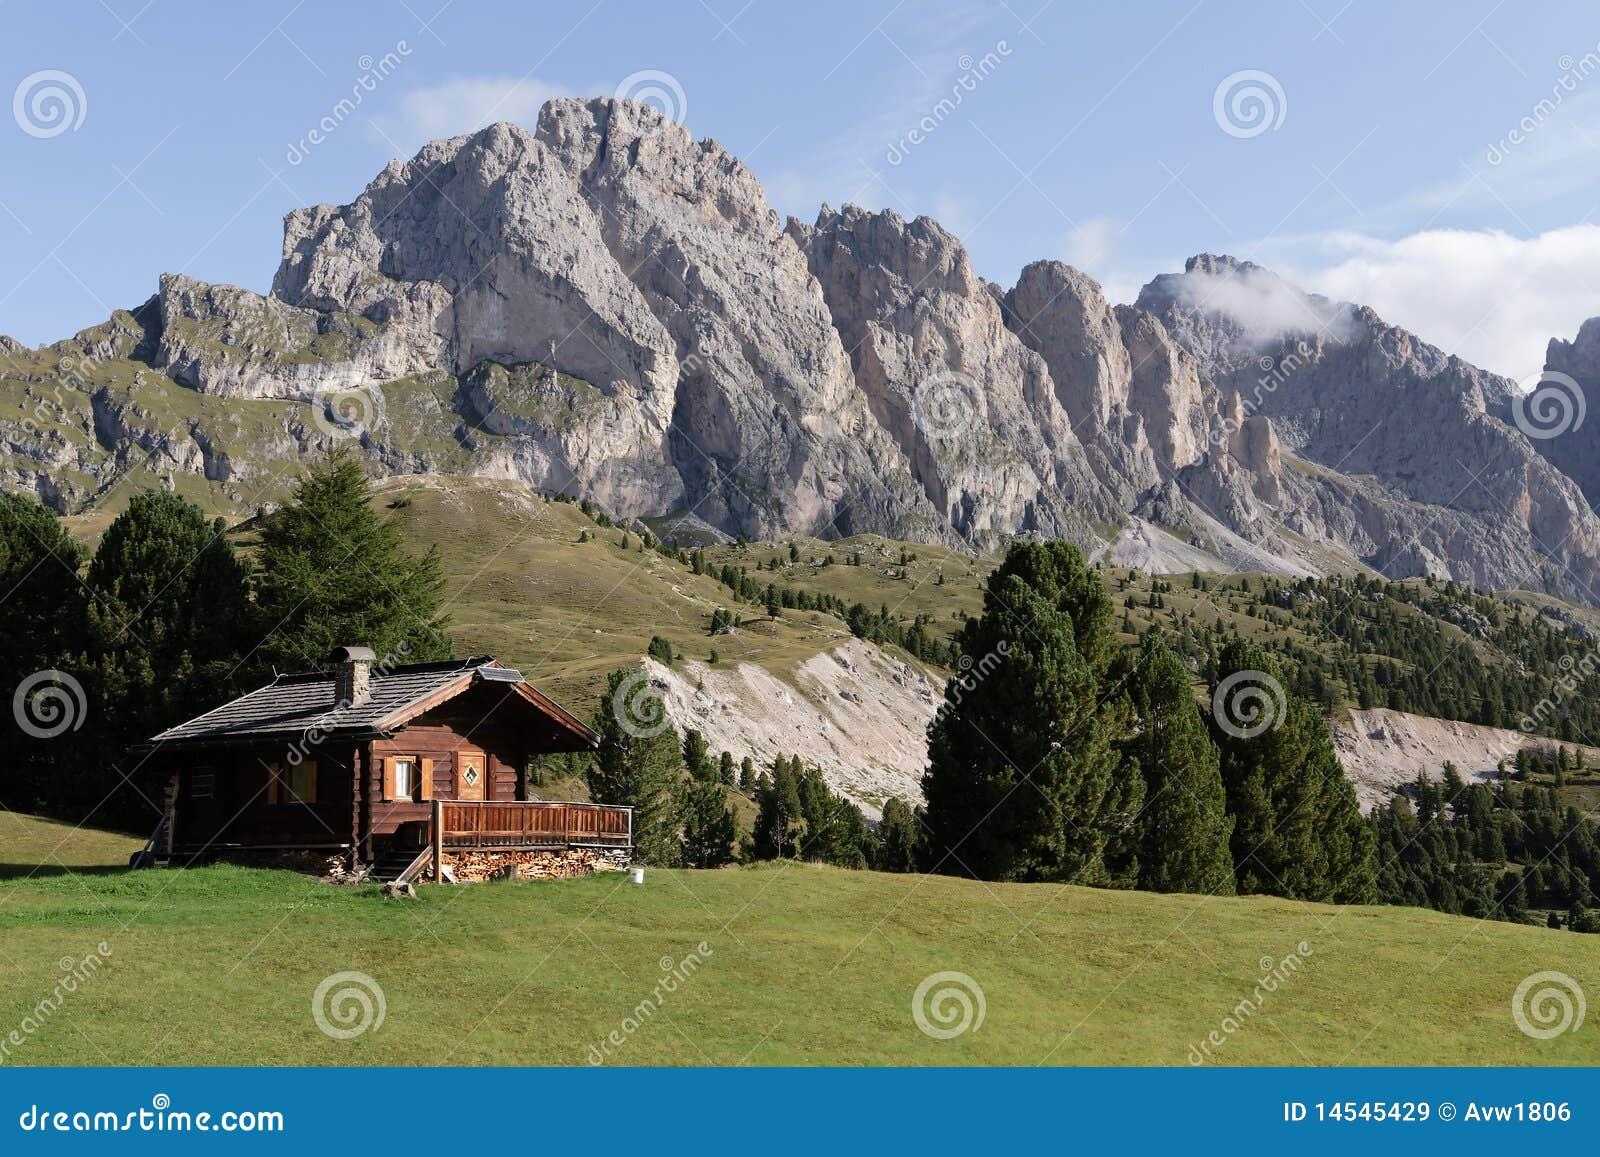 Selva Di Val Gardena - Dolomites